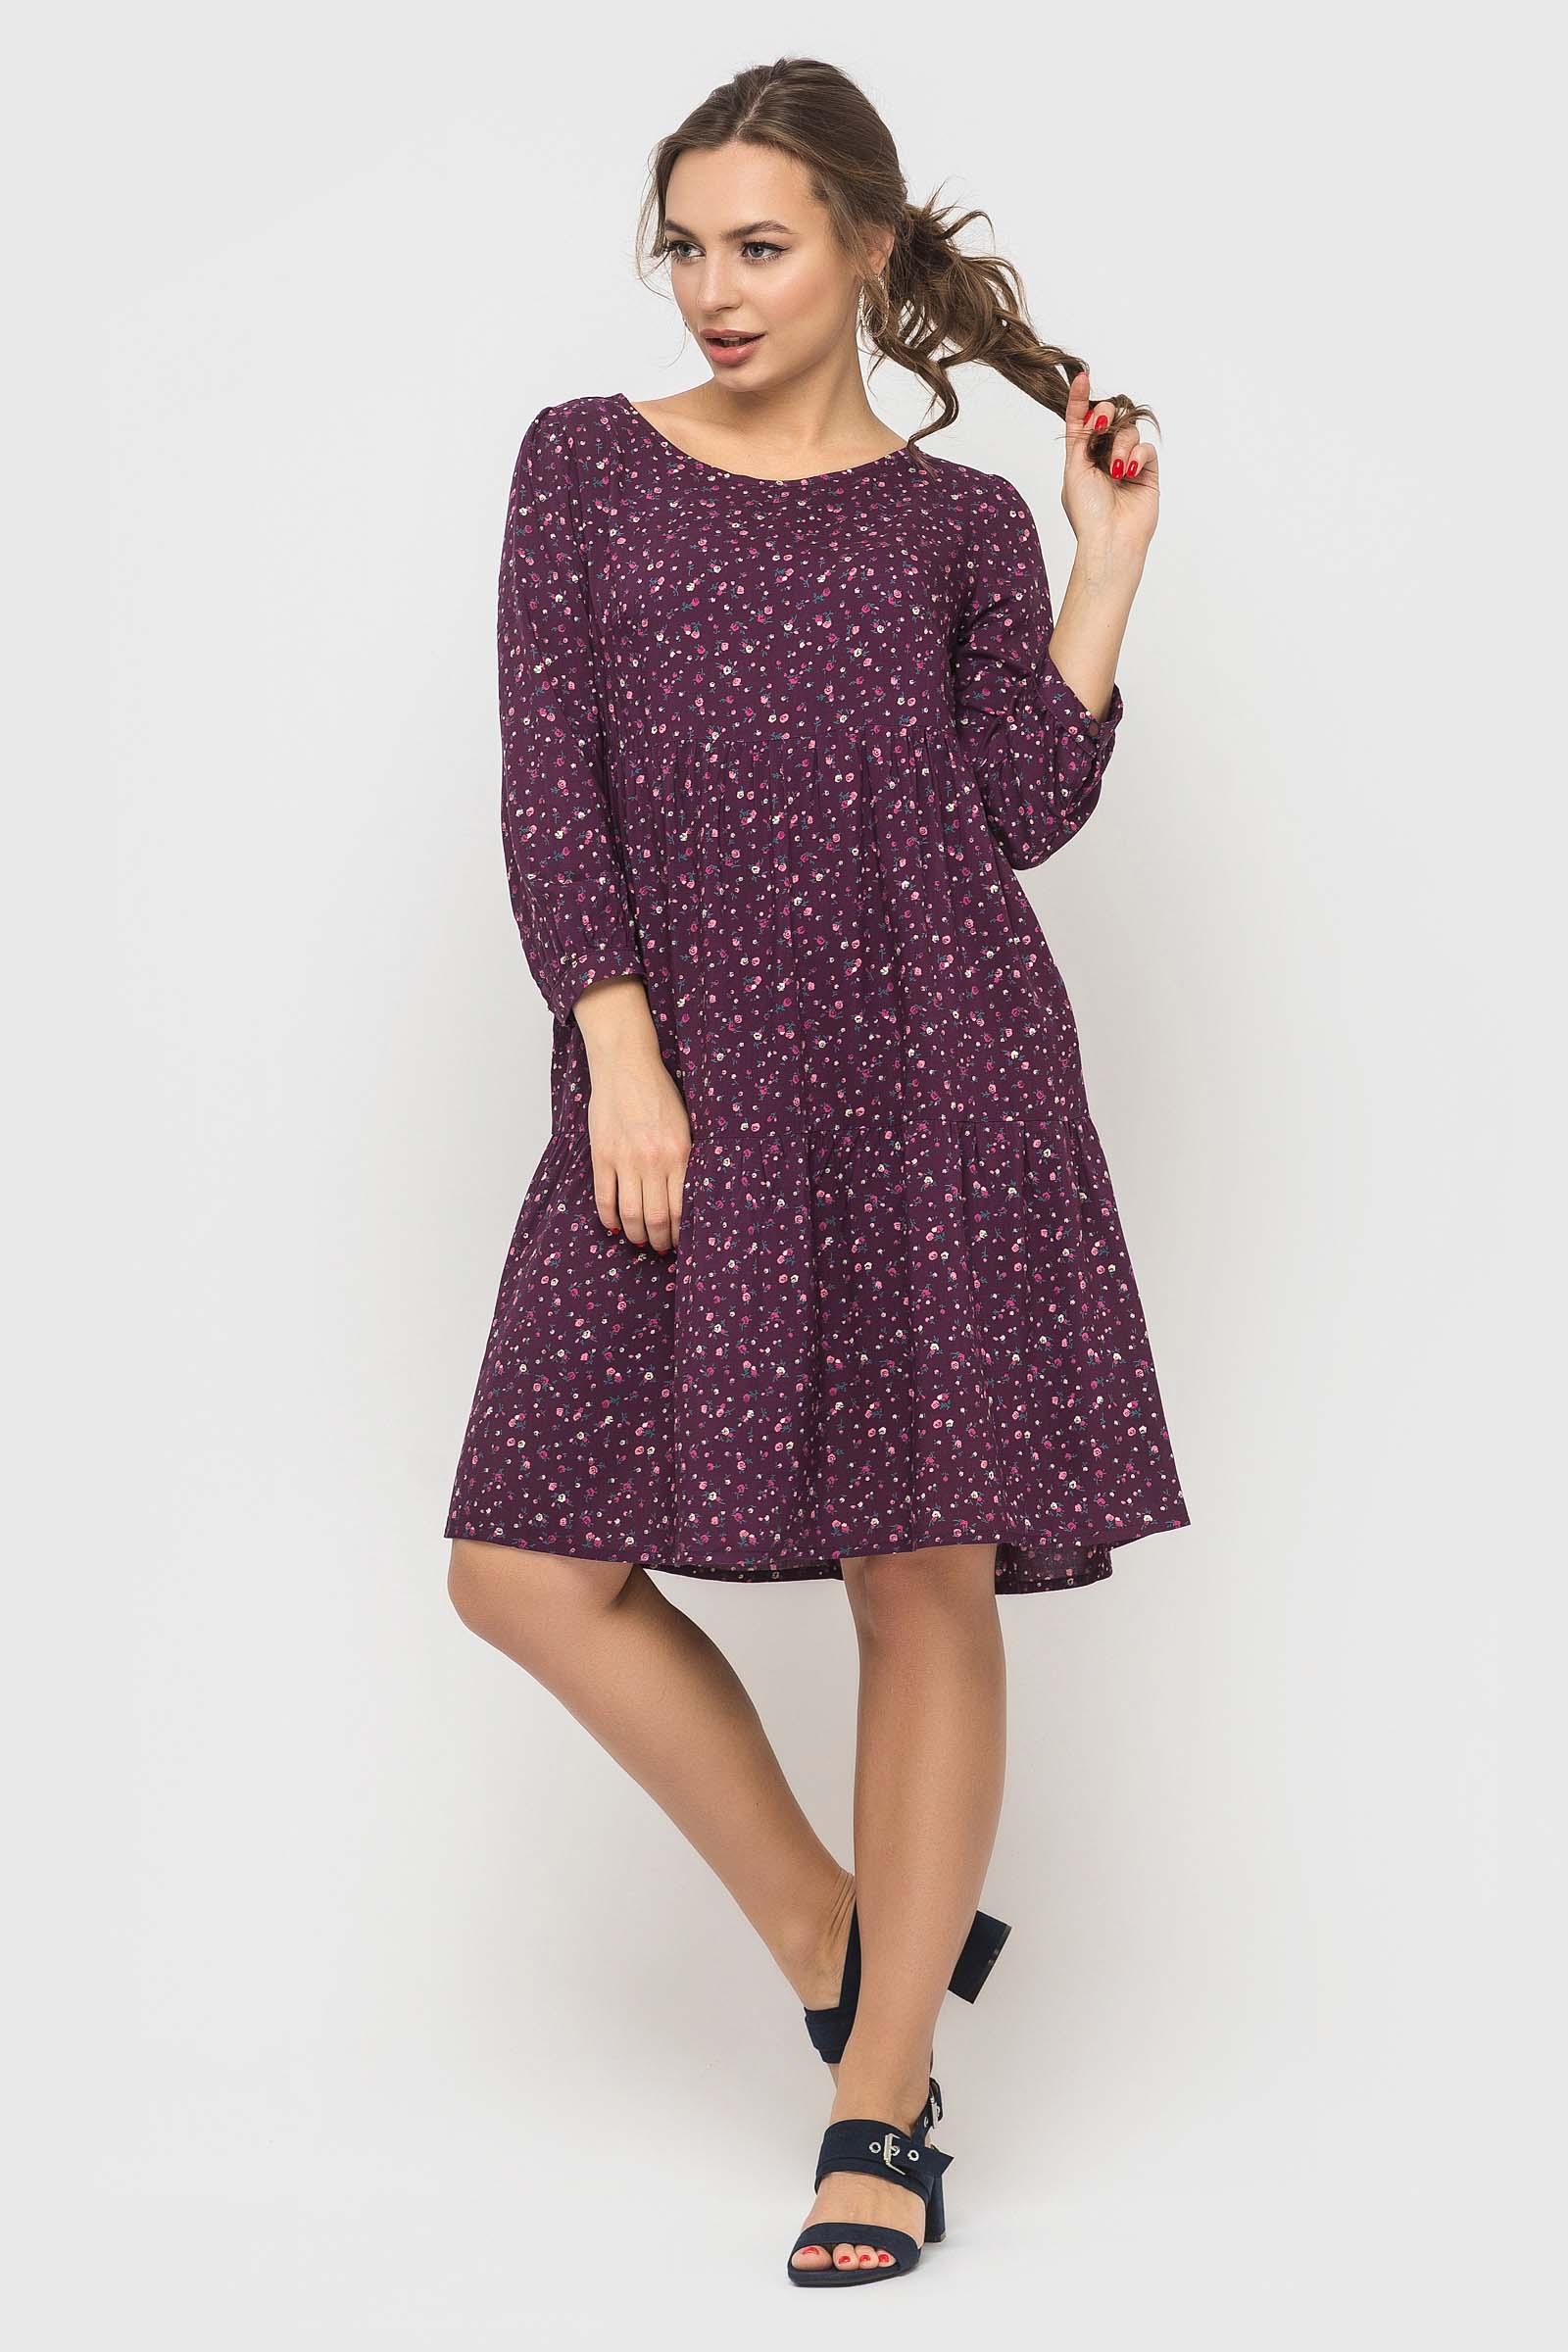 be art 2020 04 07182176 Купить платье